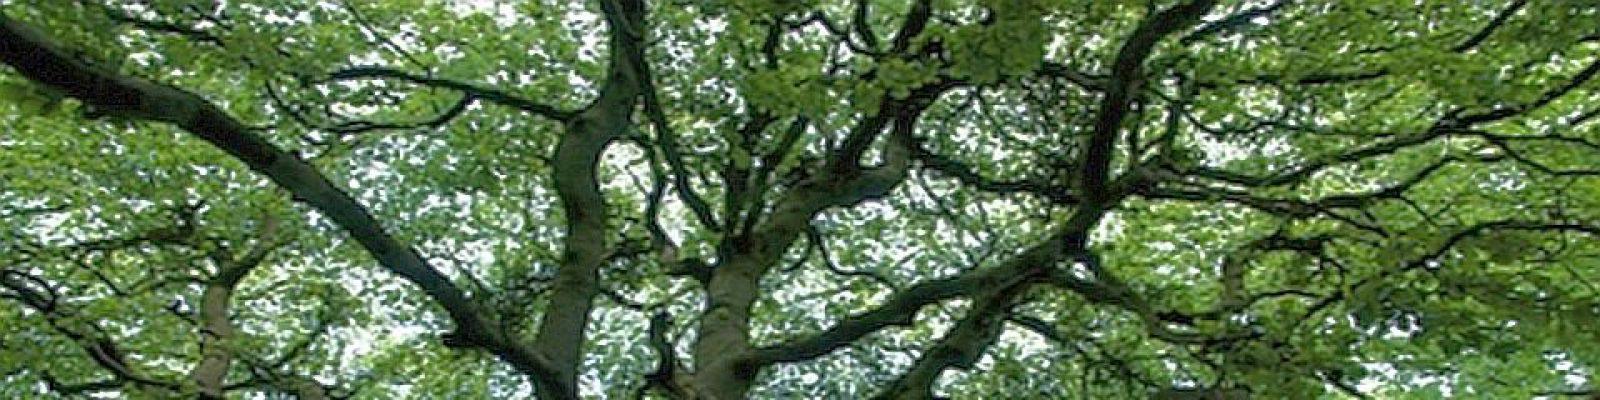 Baum-Welten